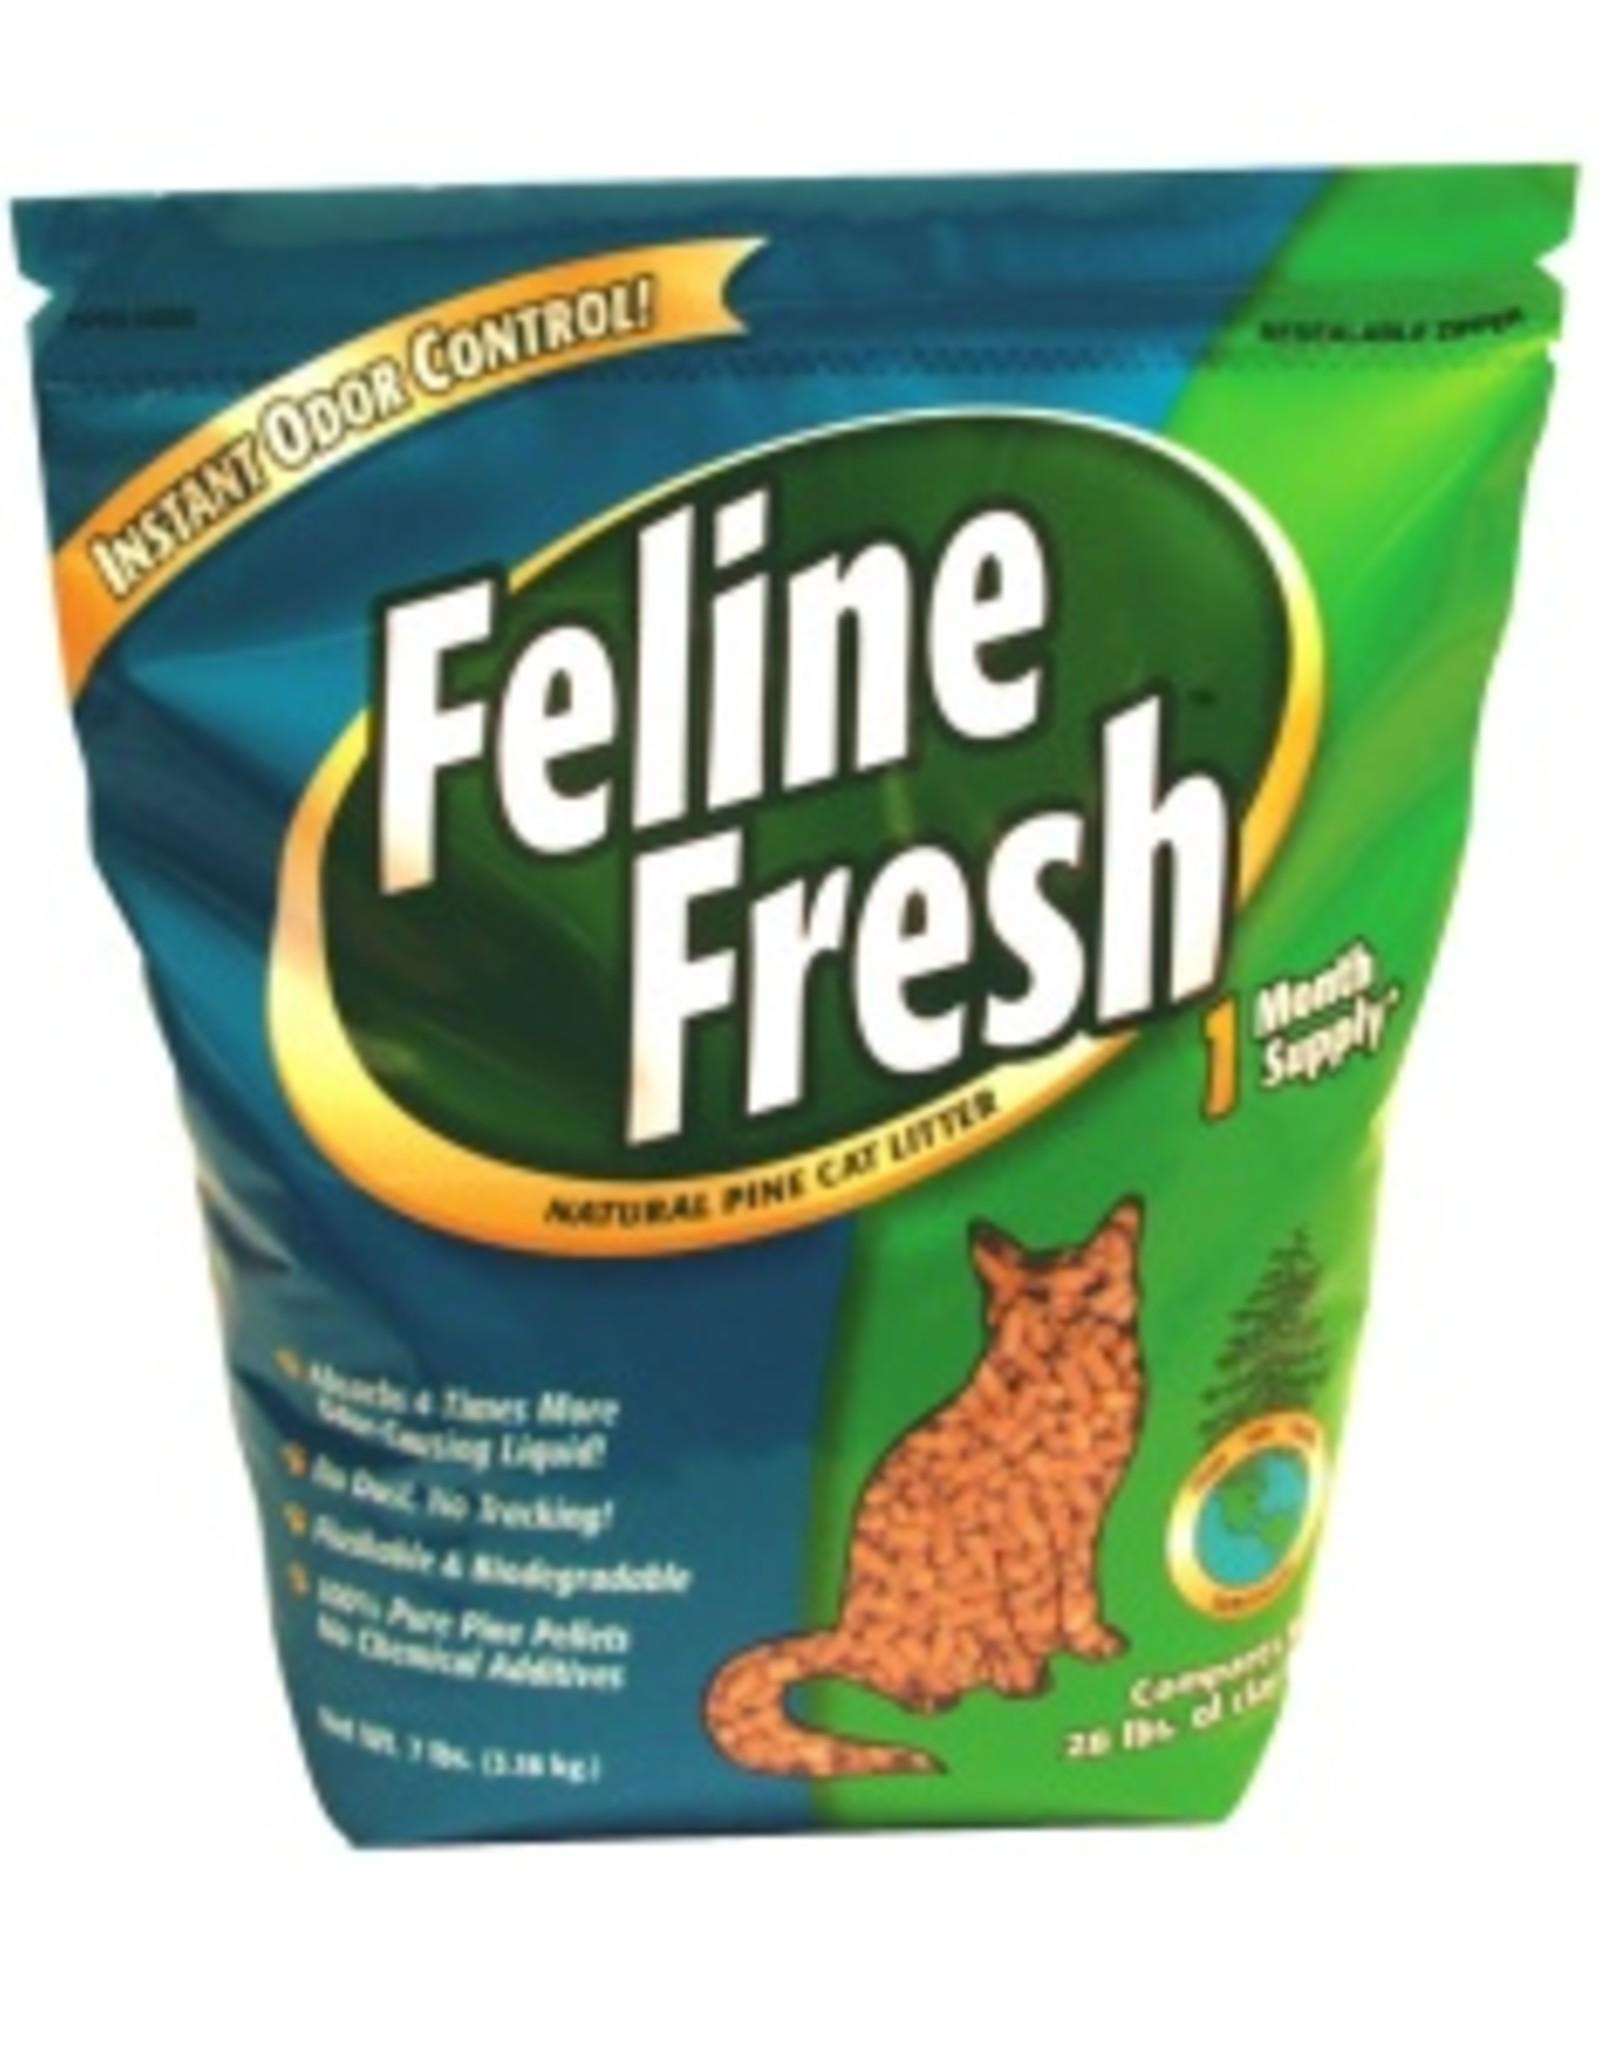 Feline Fresh Feline Fresh - Natural Pine Cat Litter